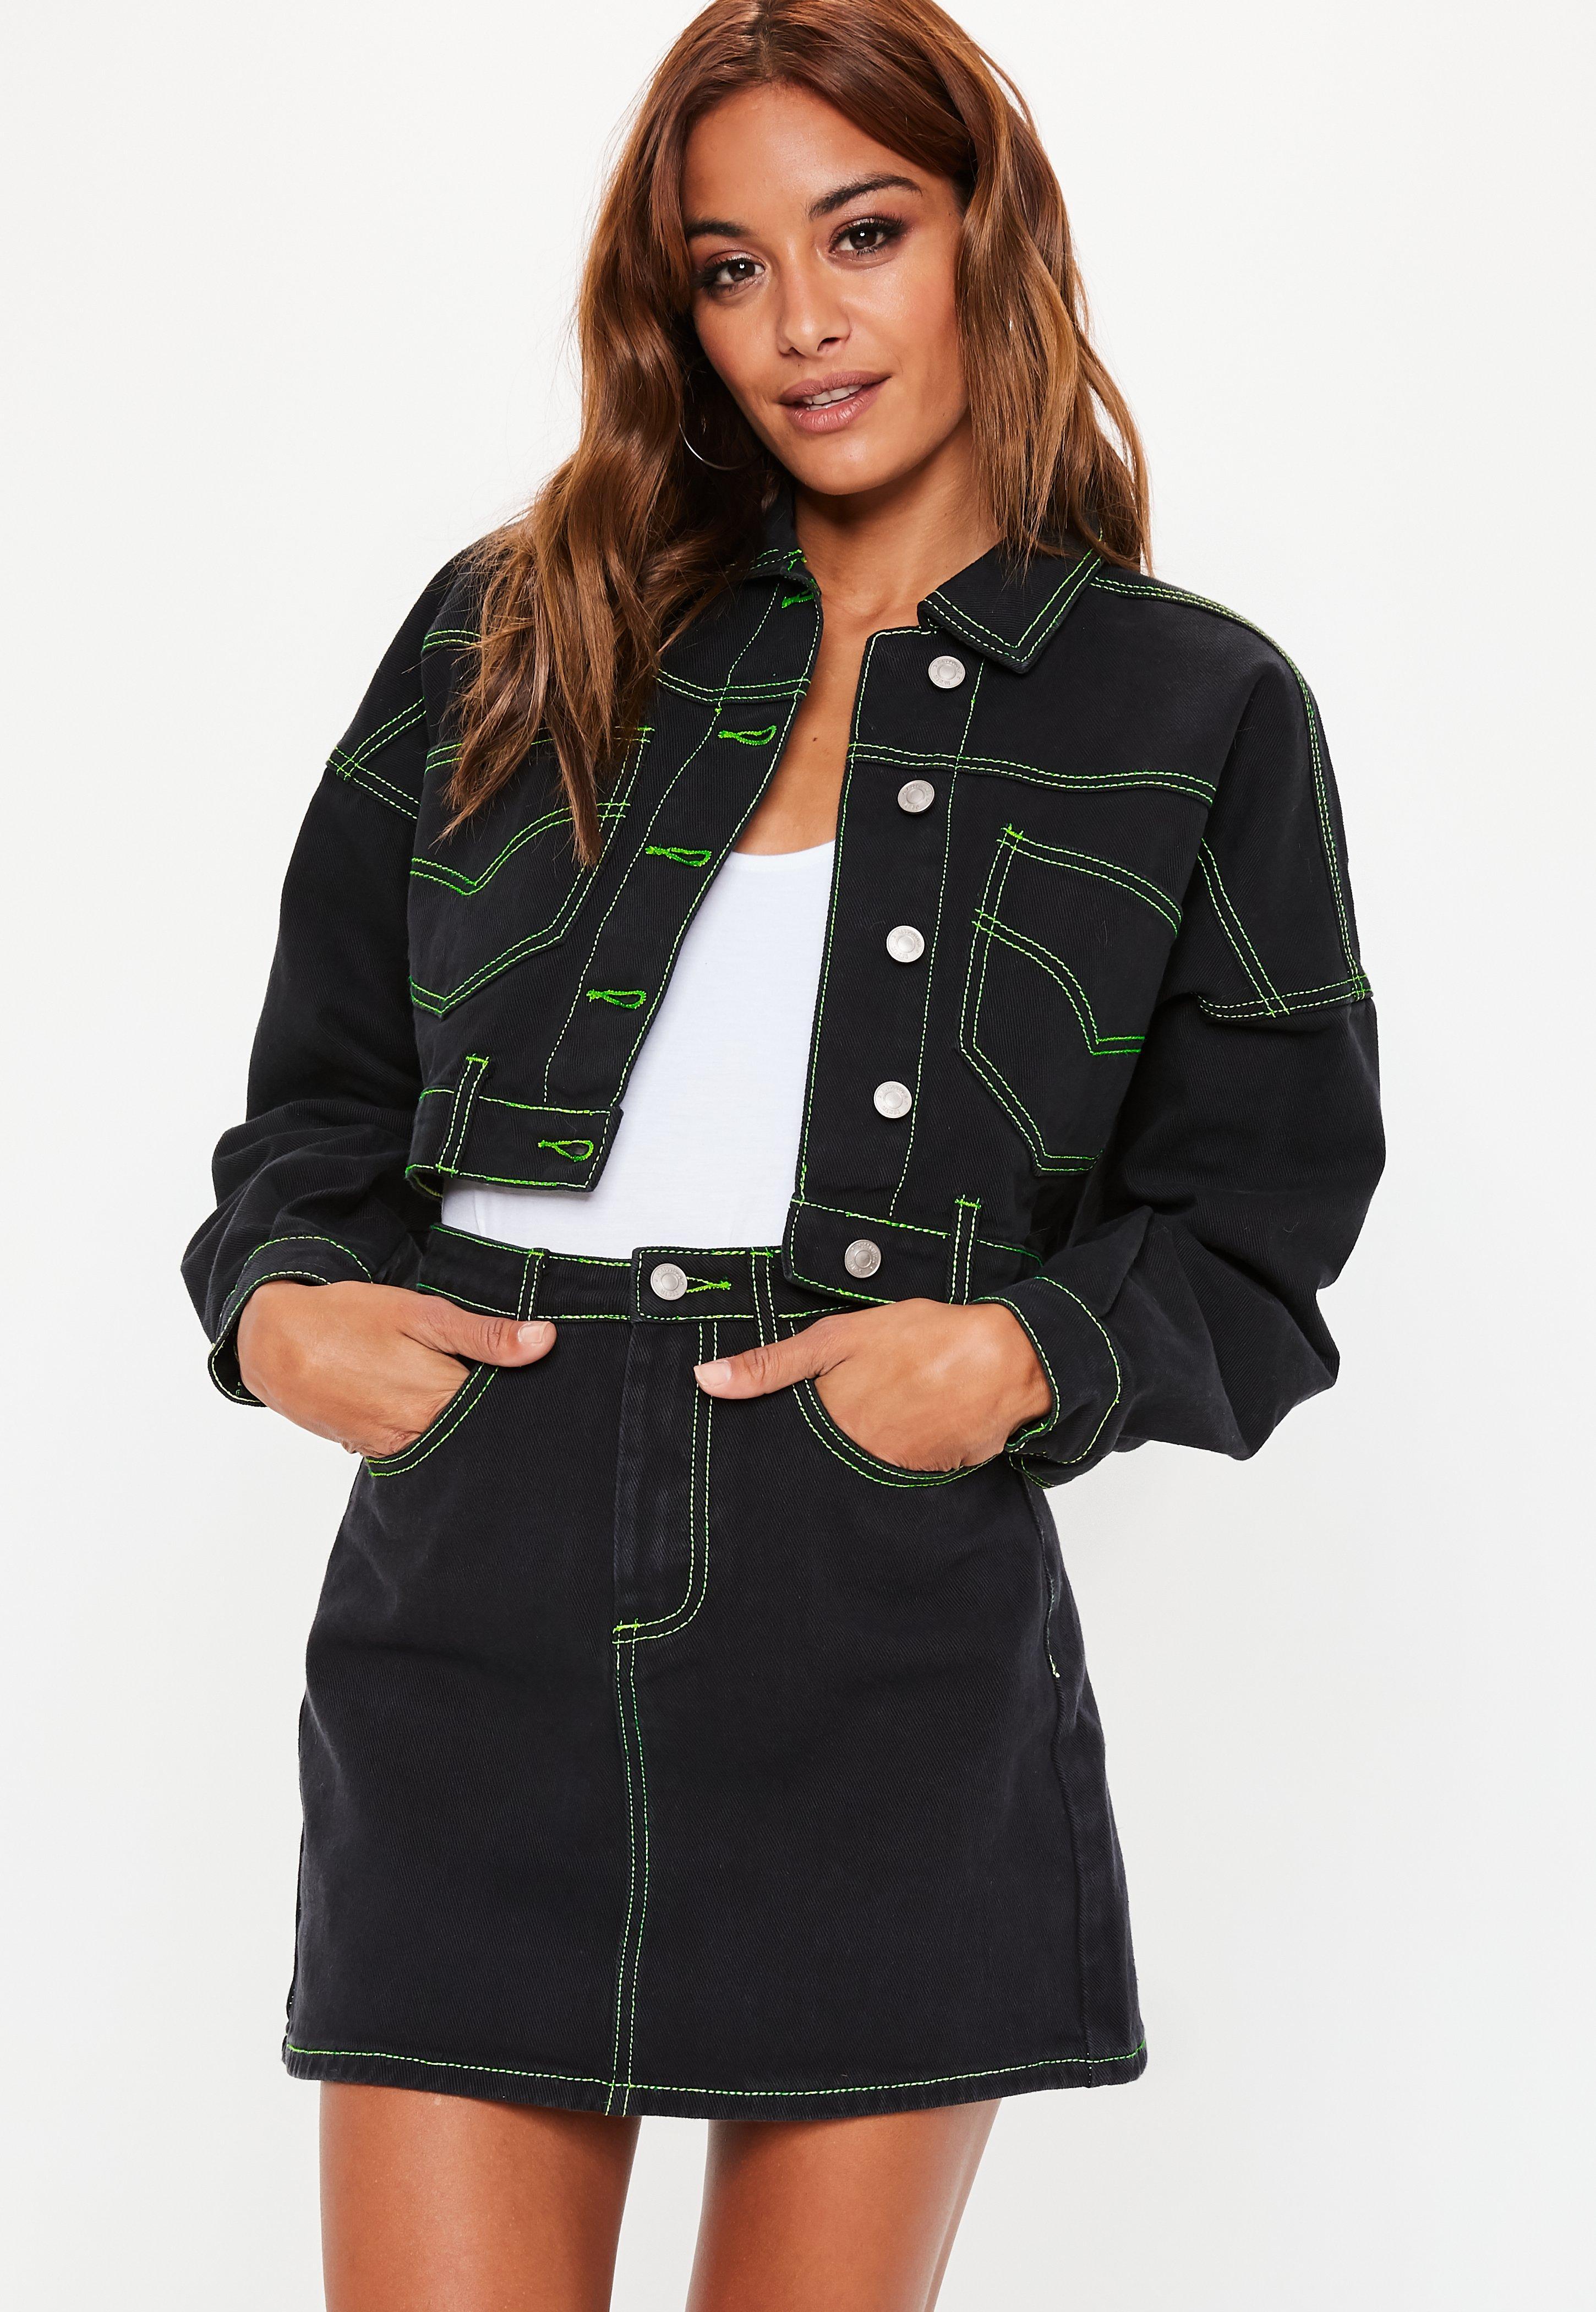 Manteau Pour Veste Ligne En Femme 8s4x46 Missguided USpVzMqG